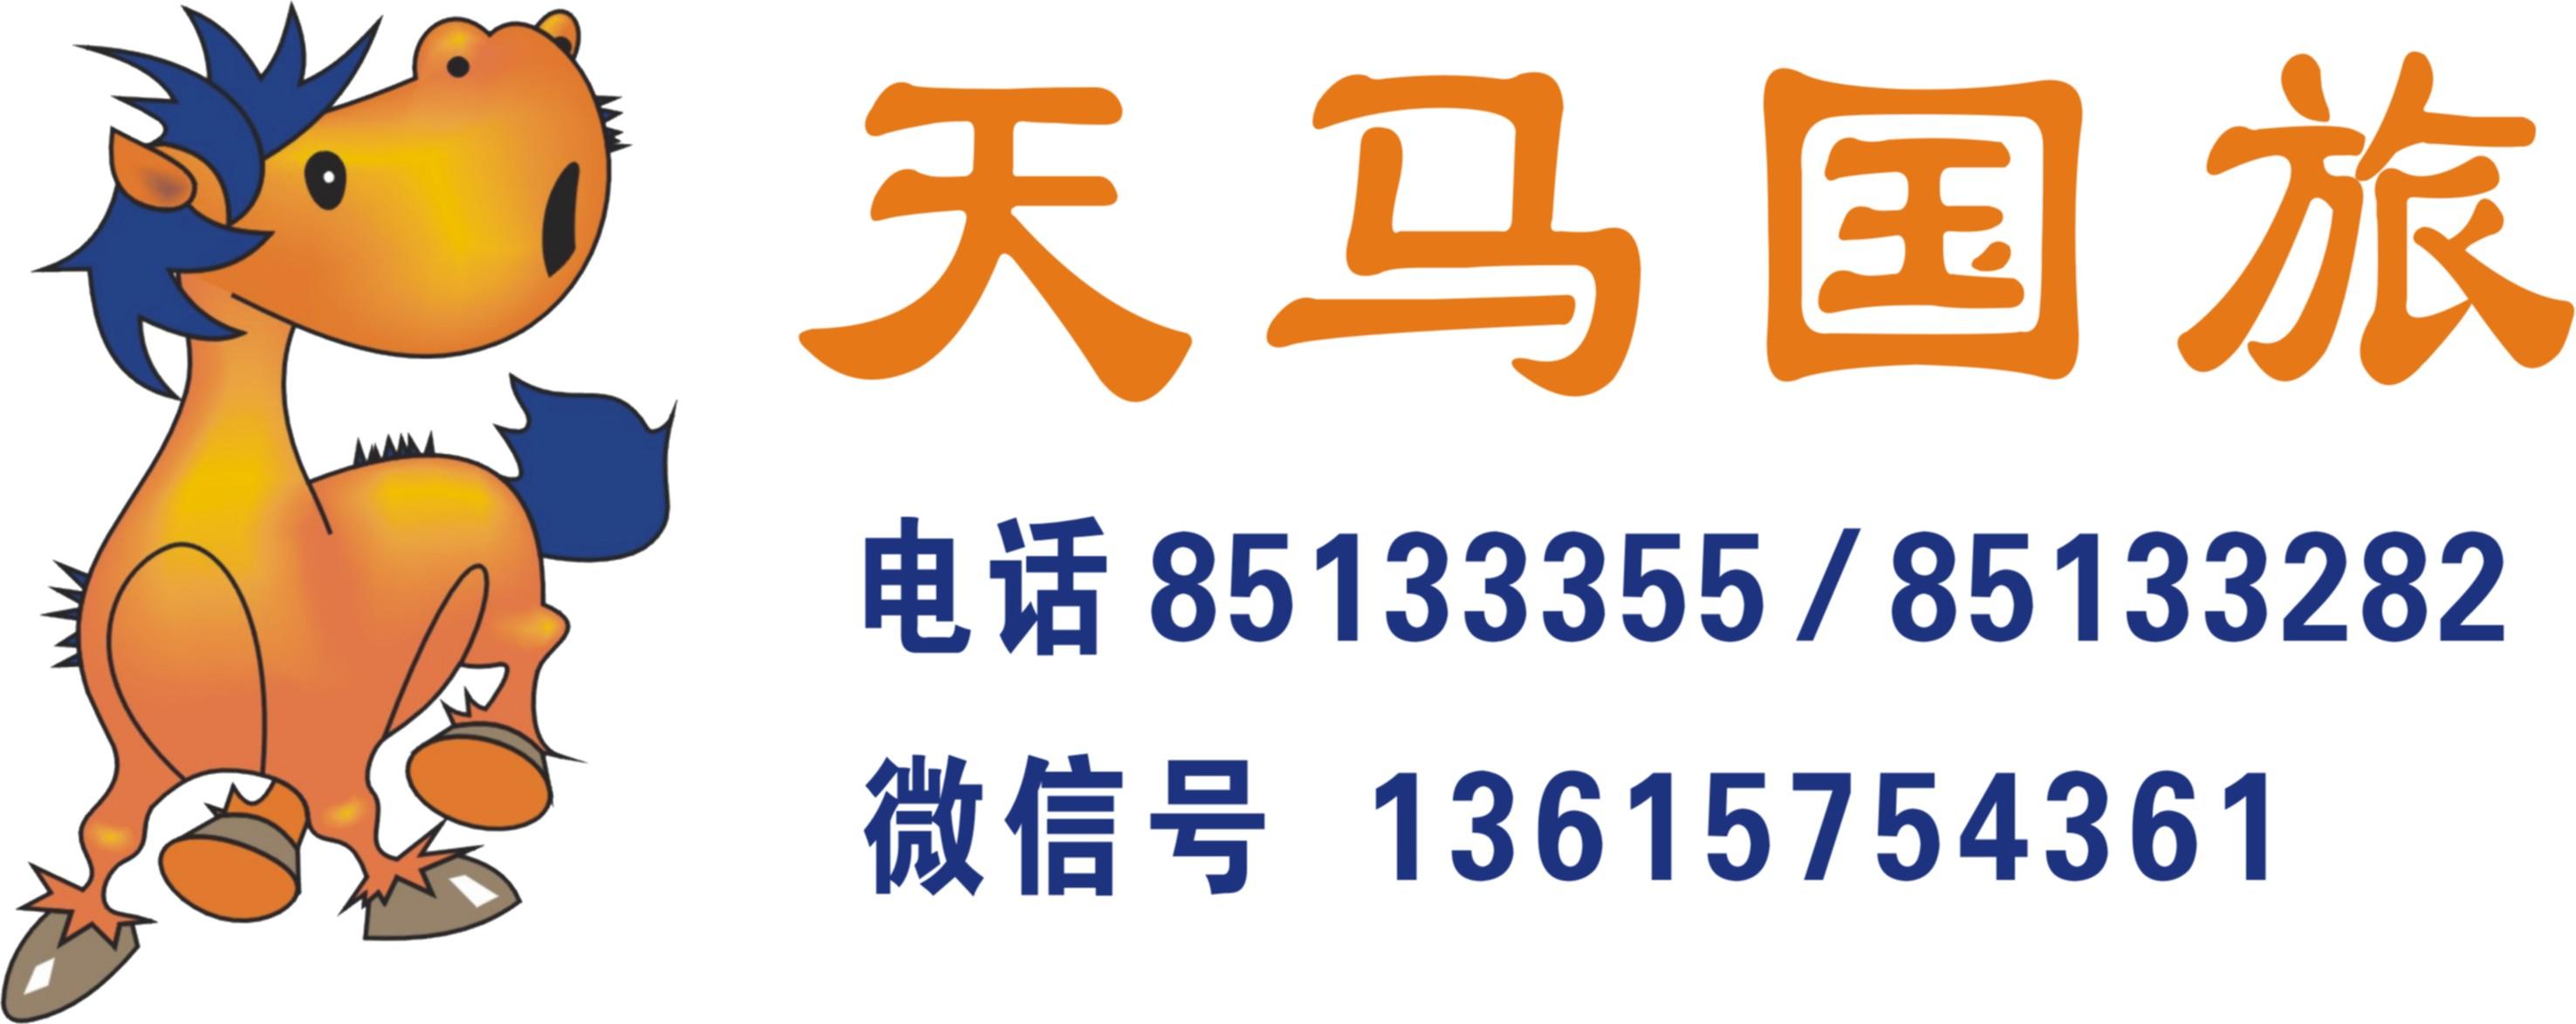 3月【黄土高坡 黄帝陵/壶口/延安/兵马俑/华山双飞六日】